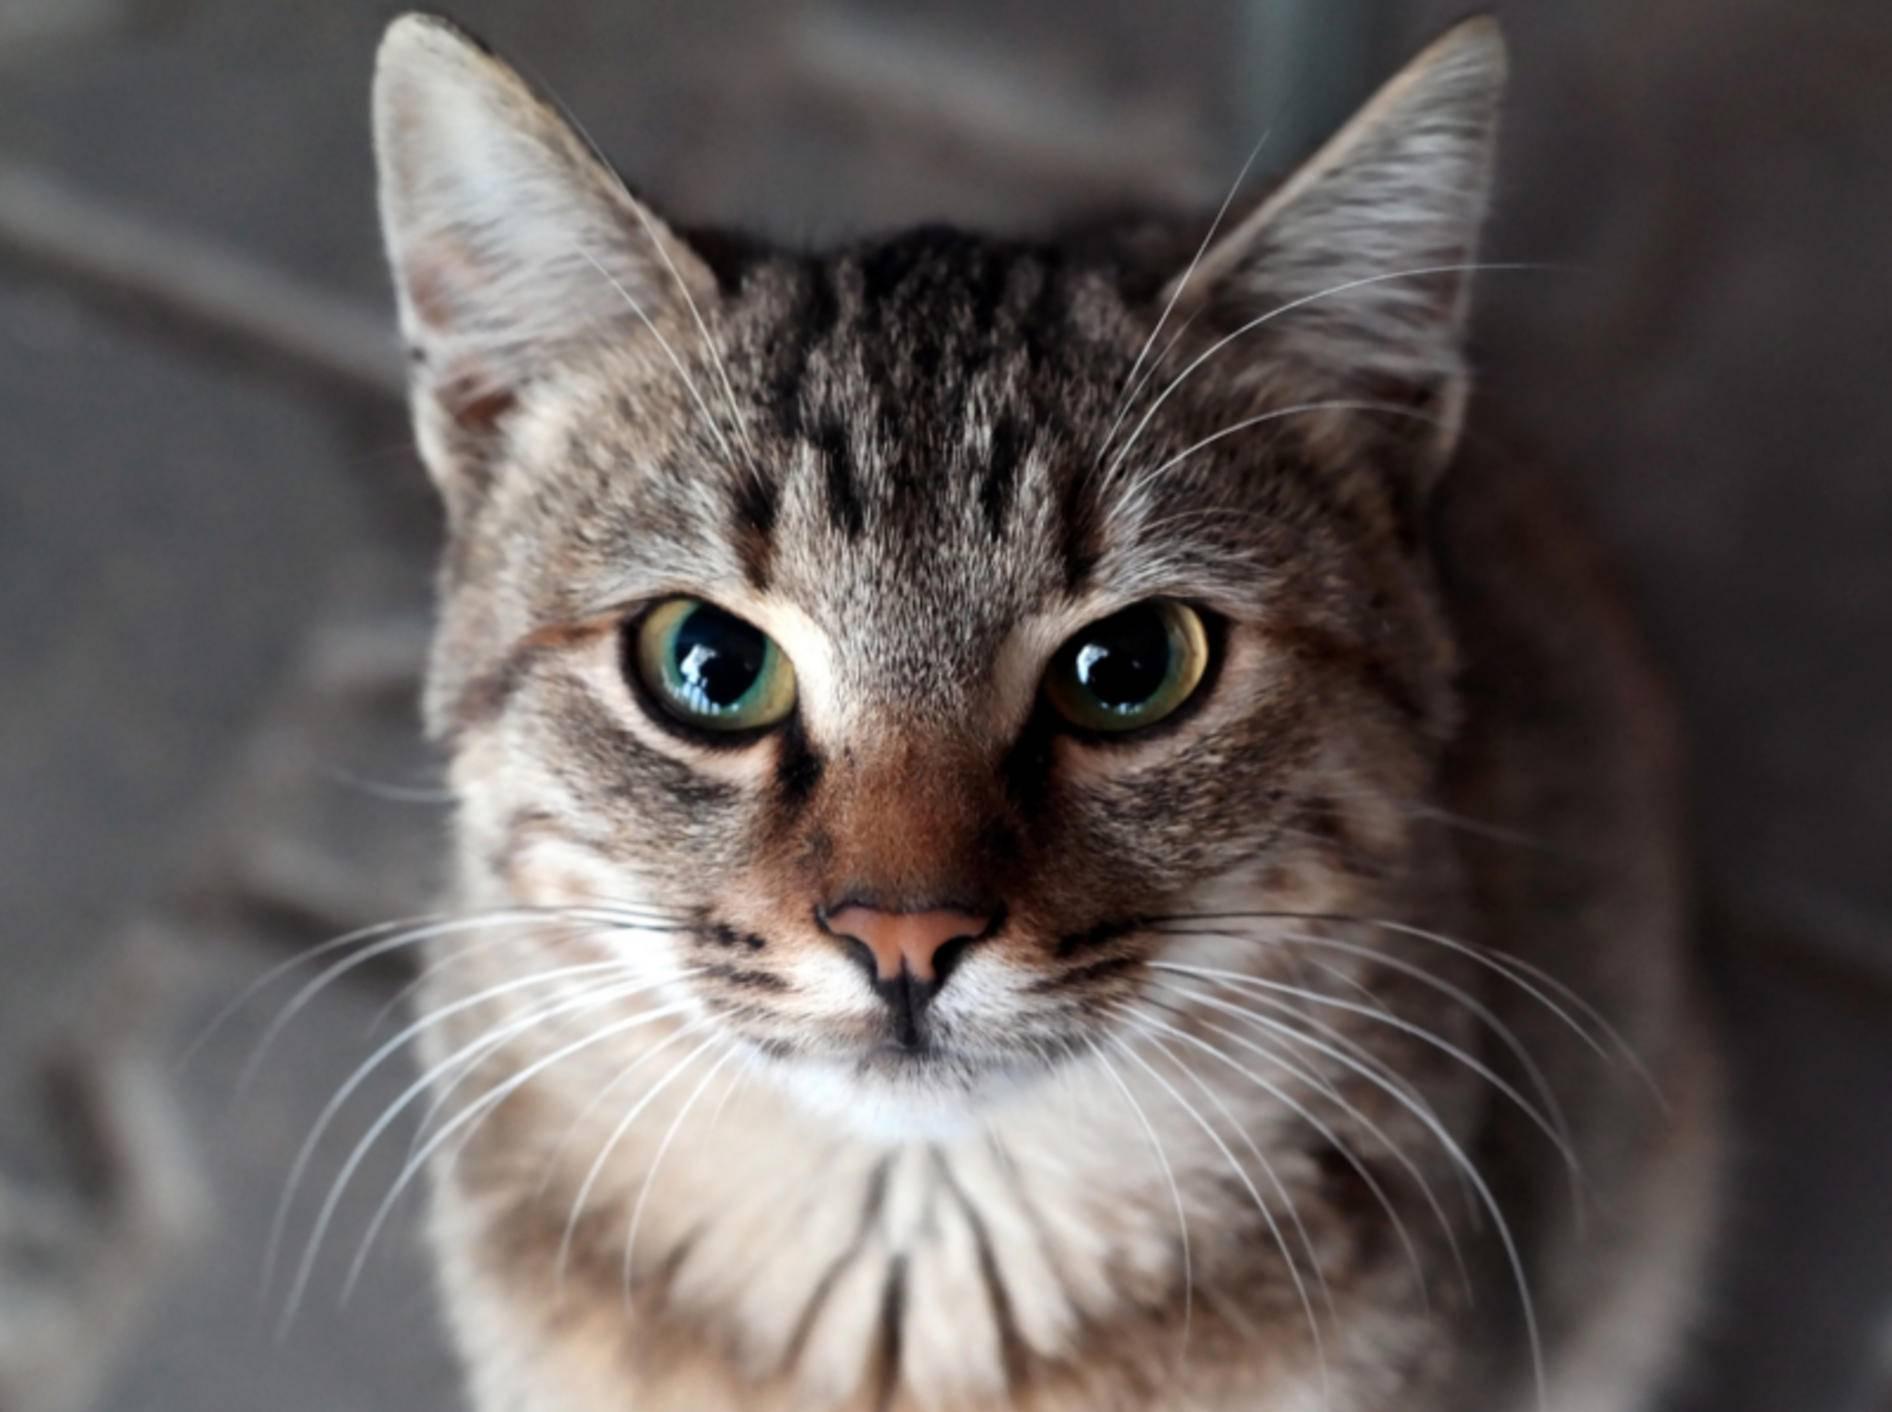 Schau mir in die Augen, Kleines ... – Shutterstock / nrqemi